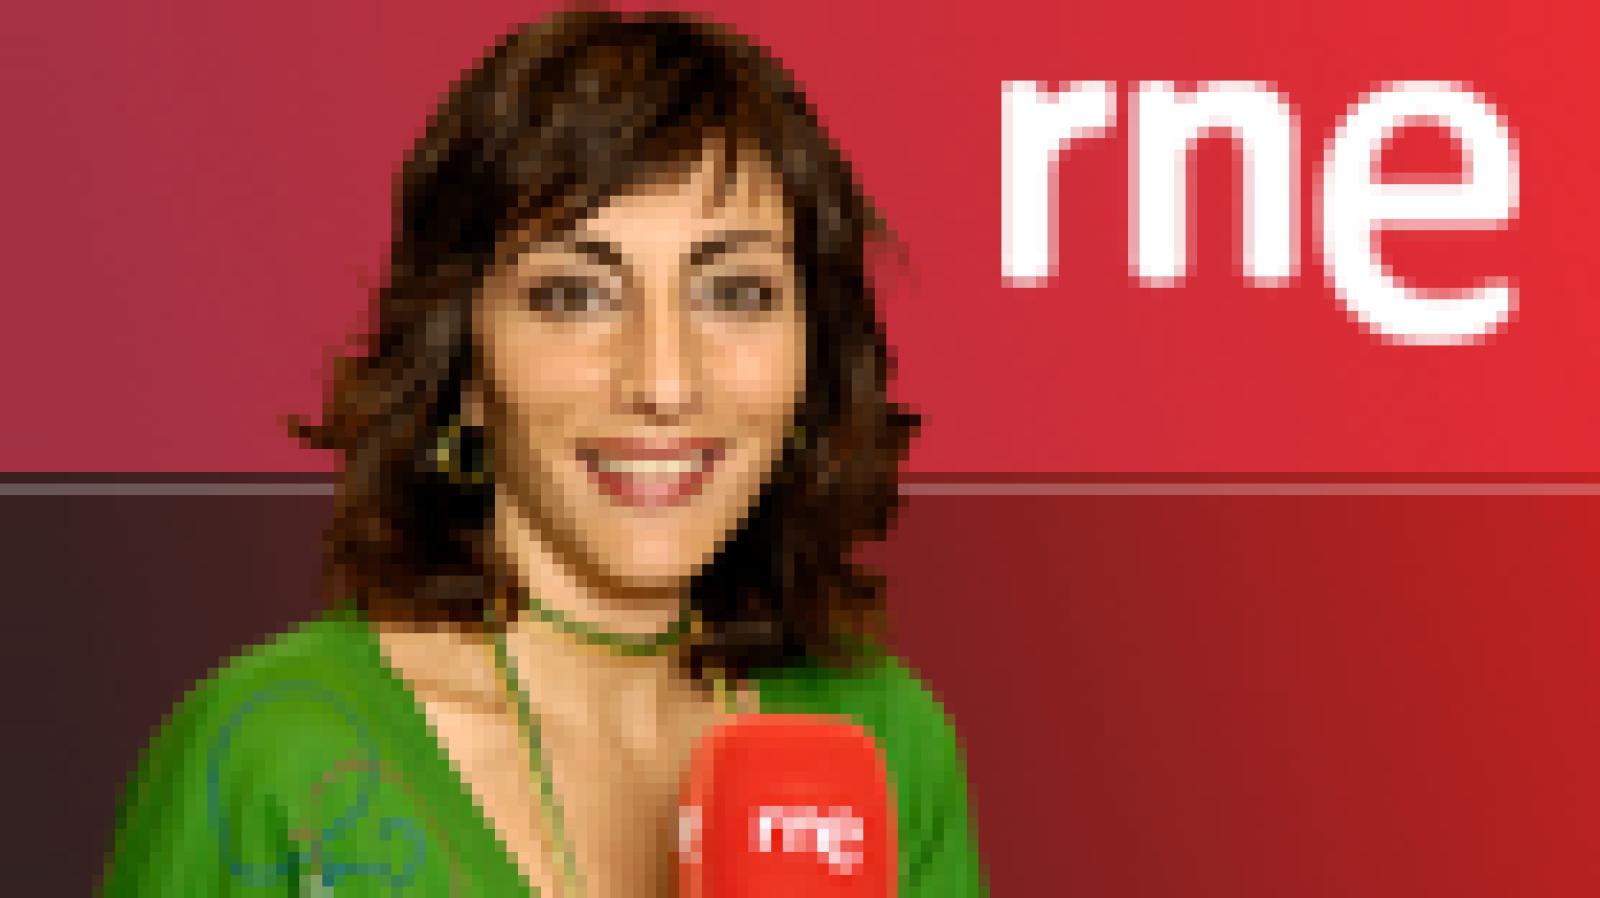 España directo - El Papa llega a España - 18/08/11 - Escuchar ahora